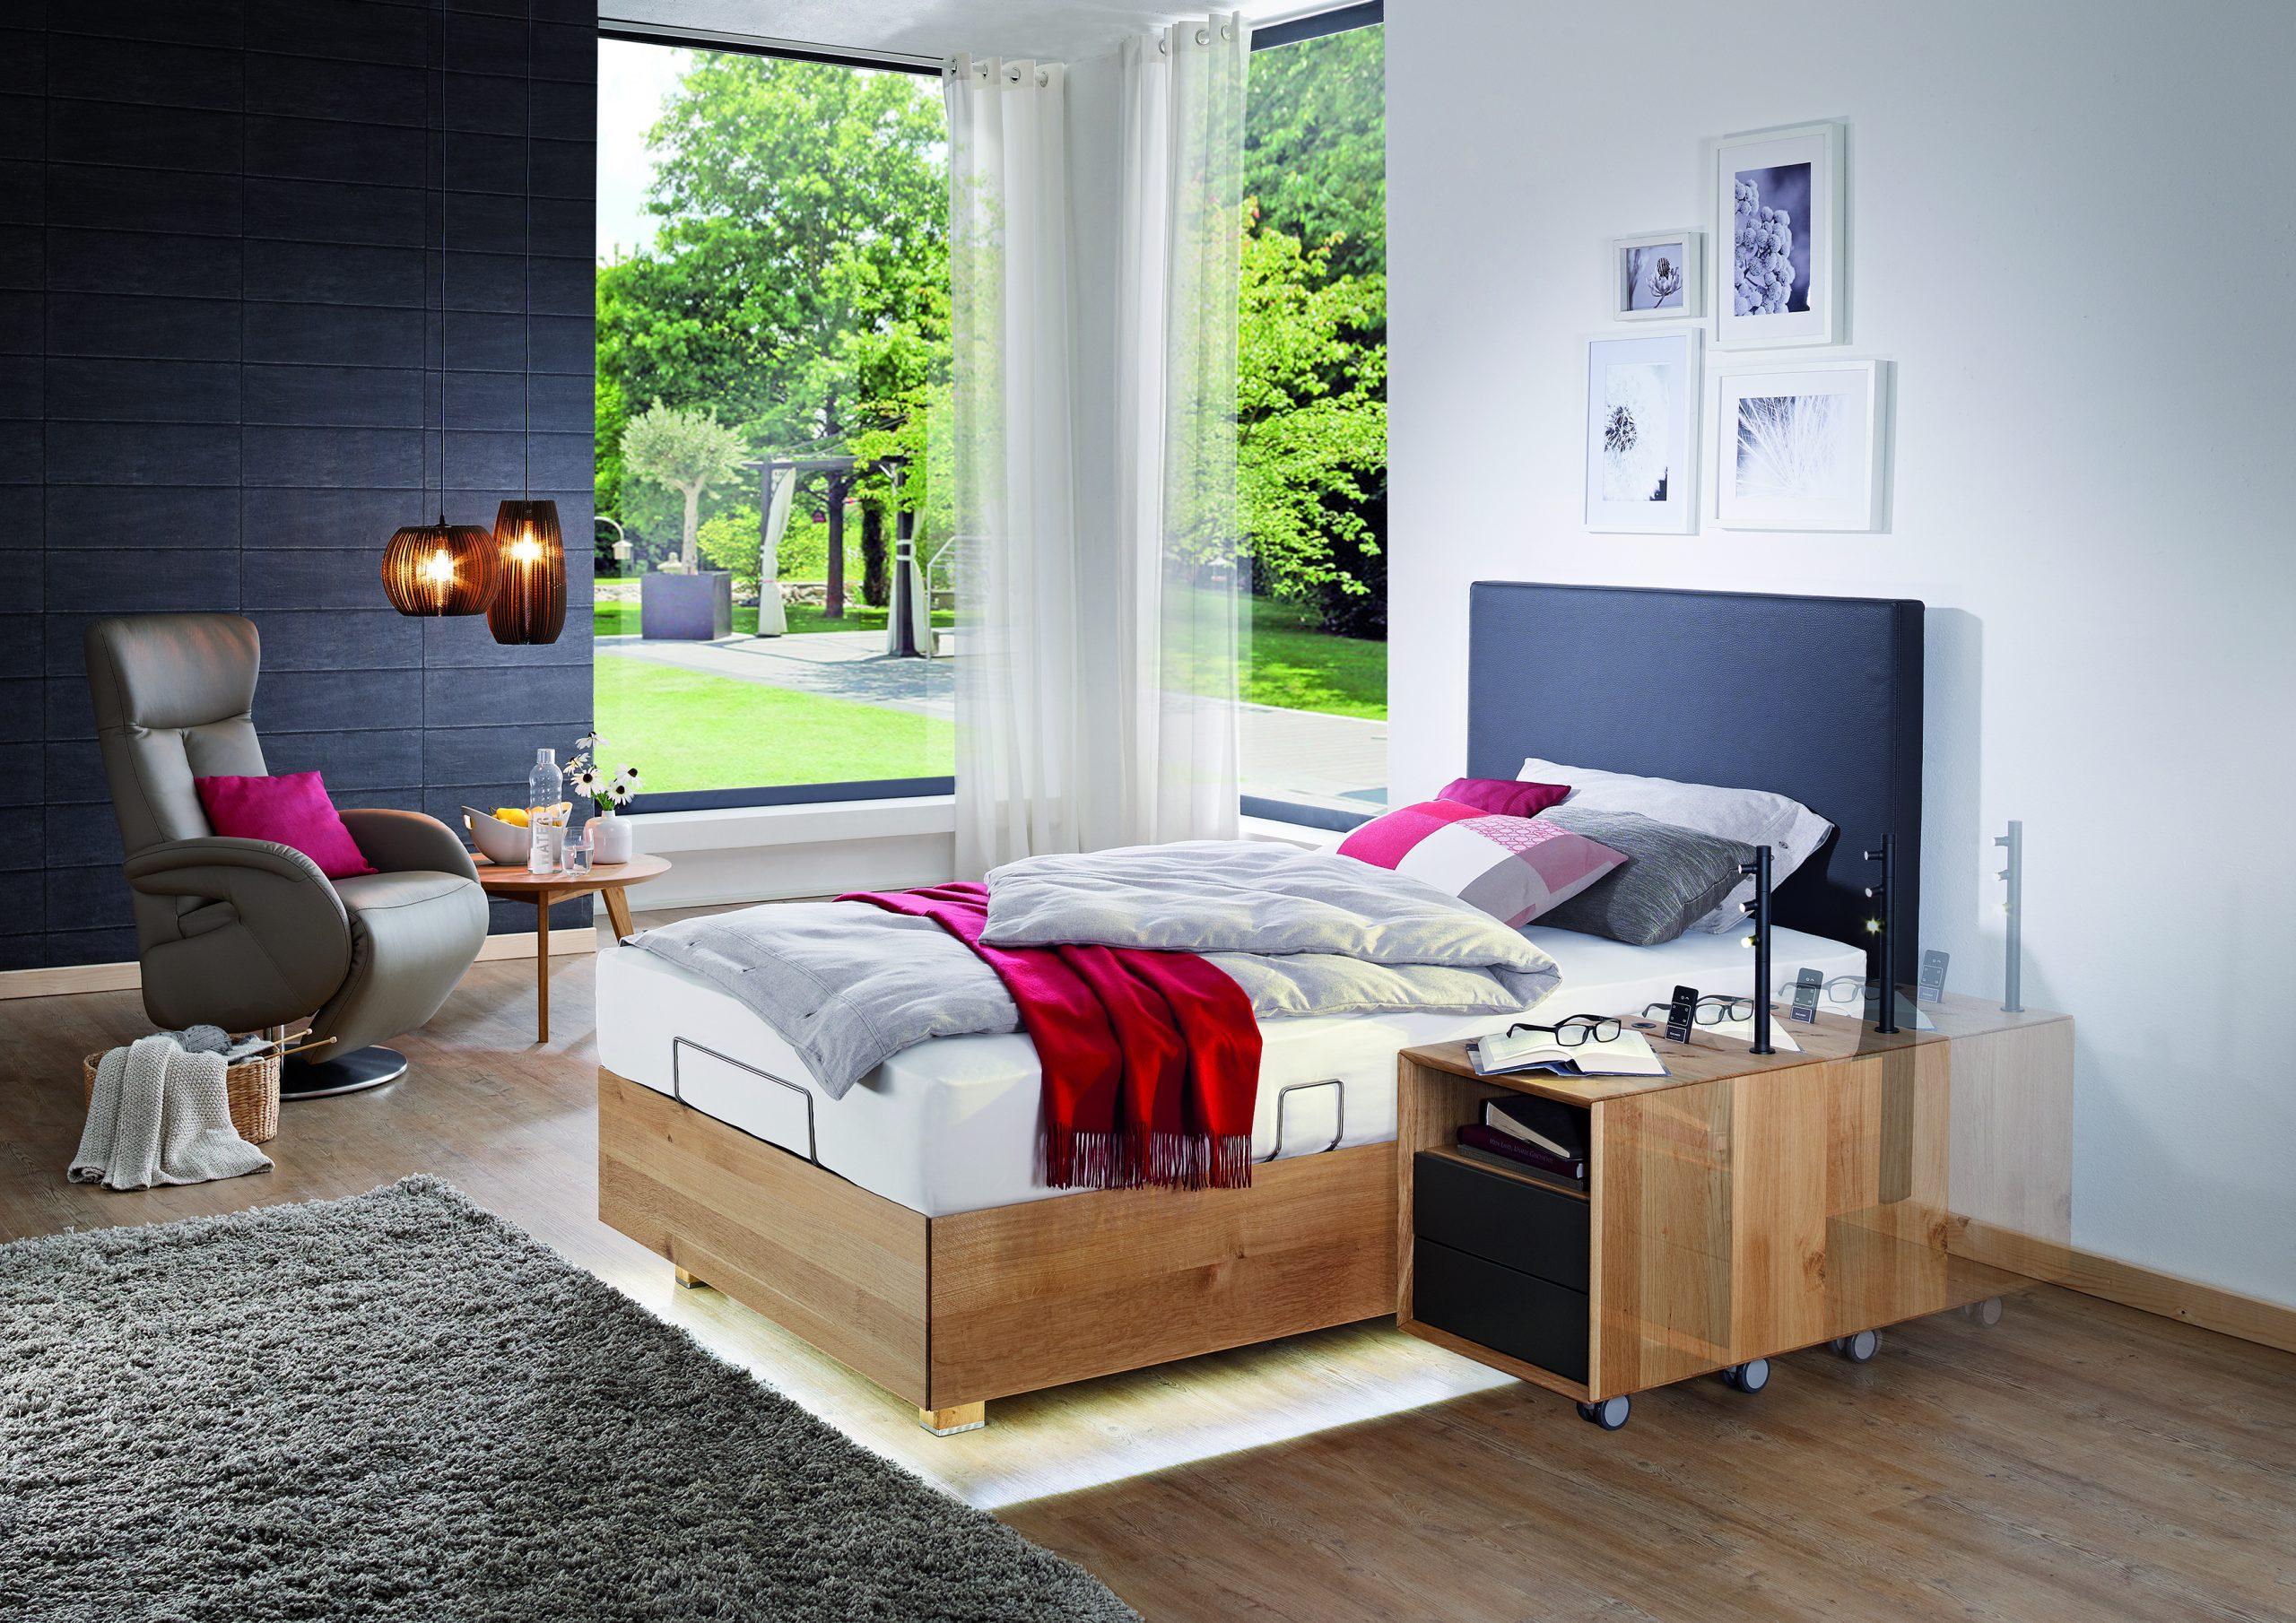 Full Size of Bett Breit Weiss Ikea M Mit Bettkasten Betten Seniorenbetten Unsere Experten Beraten Sie Kompetent 200x180 Ausklappbares überlänge 140x200 Flach Teenager Bett Bett 1.20 Breit